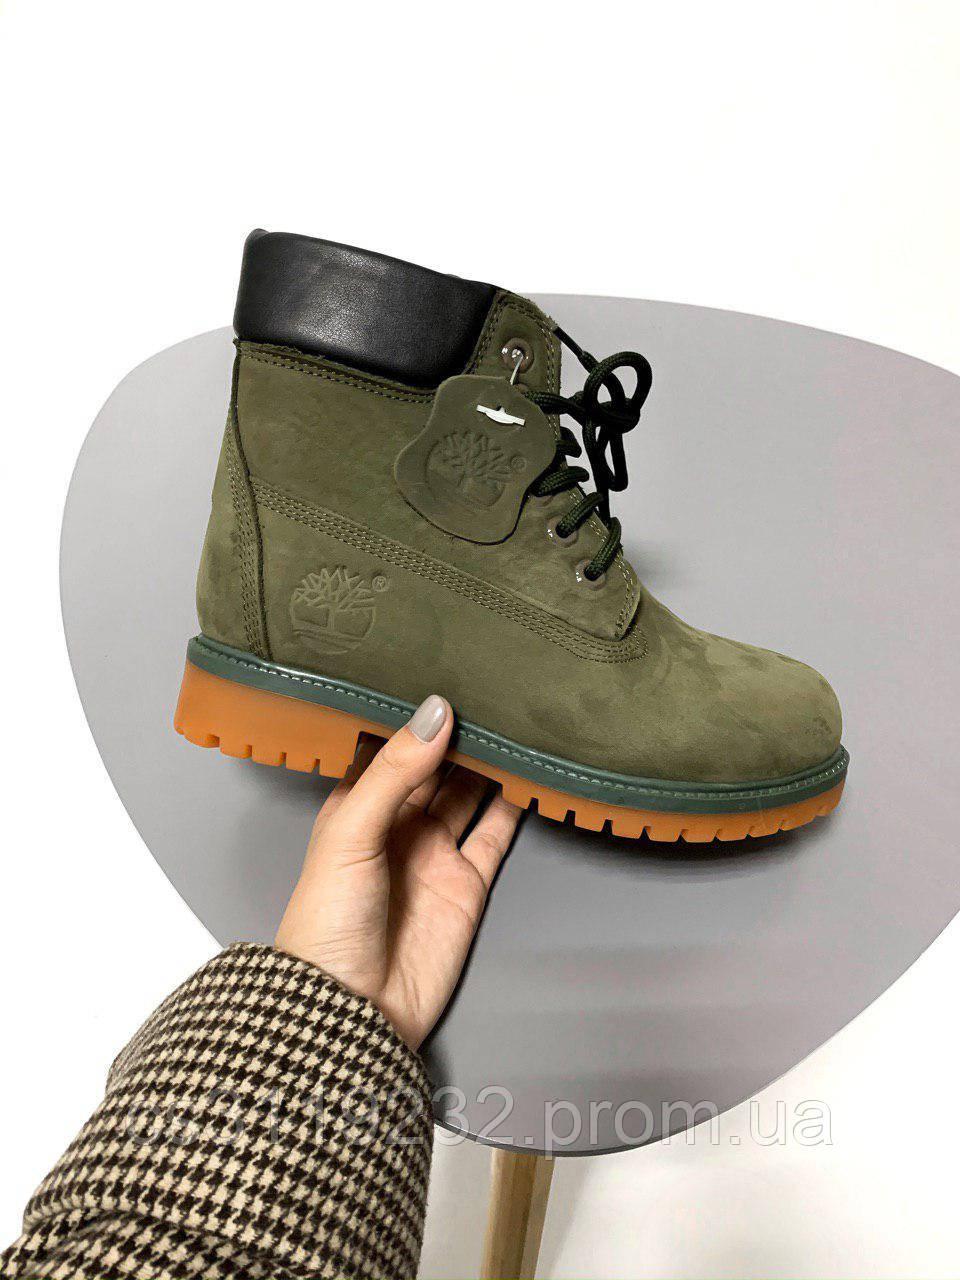 Жіночі зимові черевики Timberland (хутро) (зелные)